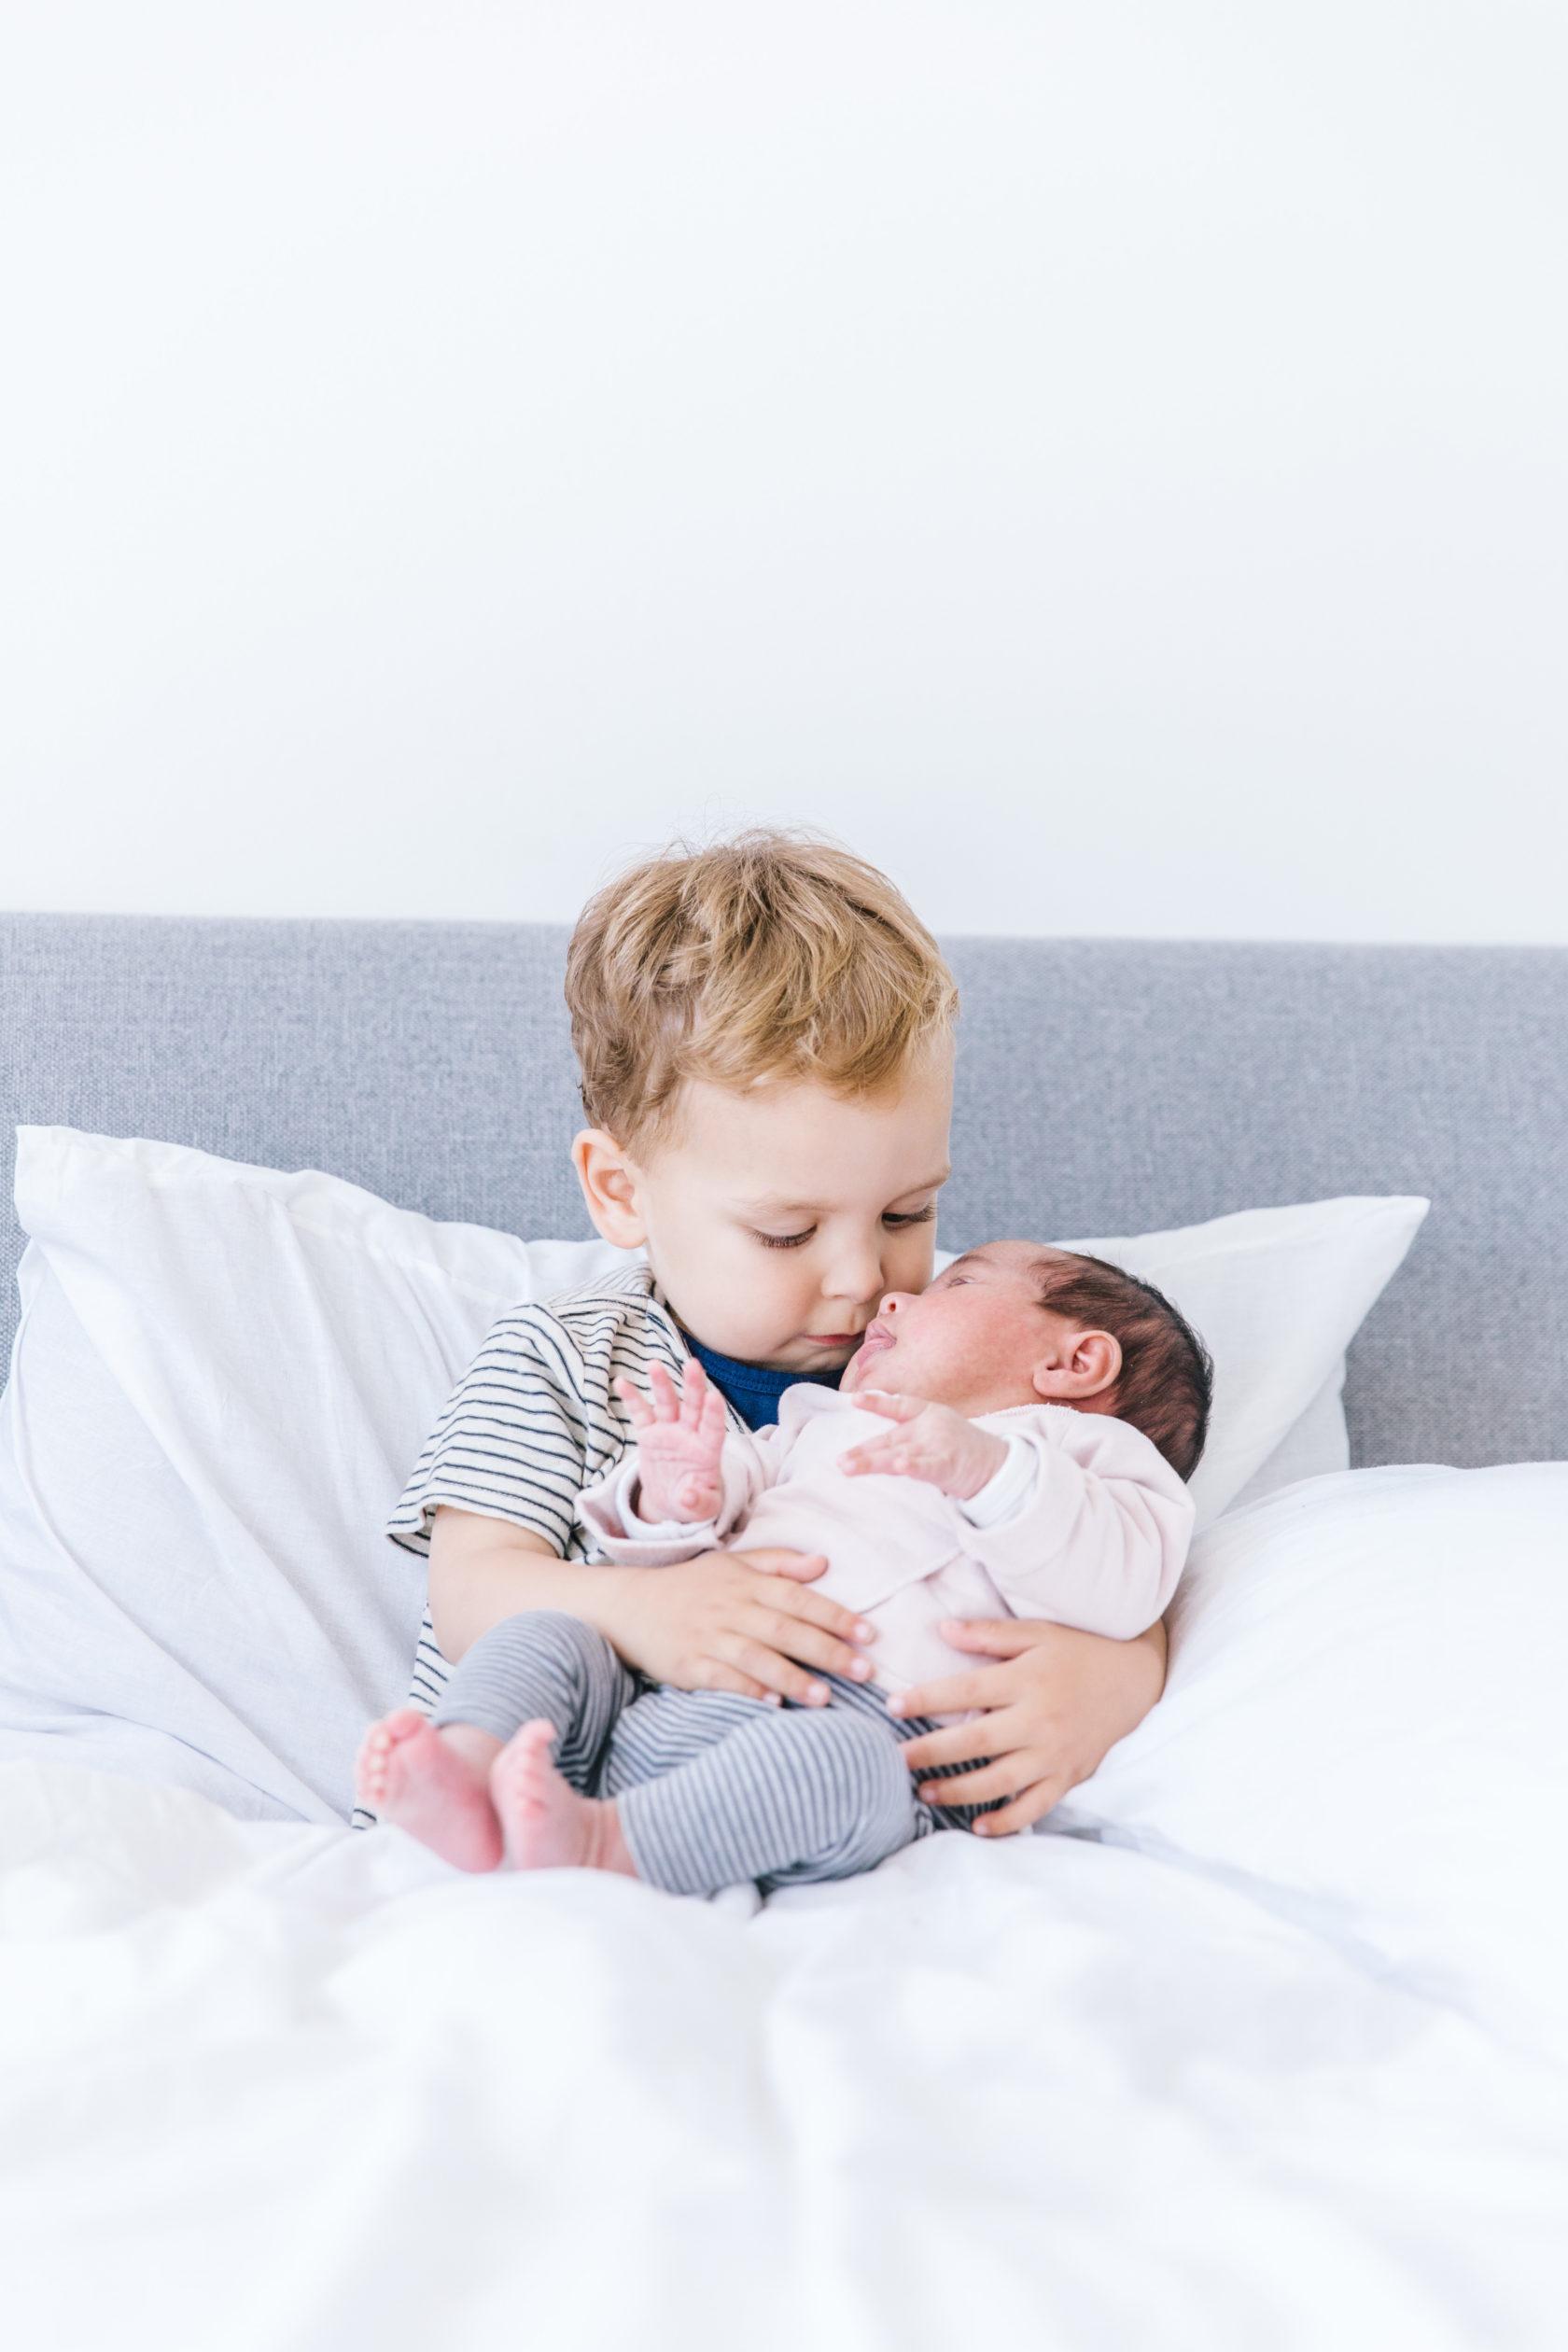 zwangerschapsfotografie newbornshoot amersfoort leusden - www.athellofotografie.nl